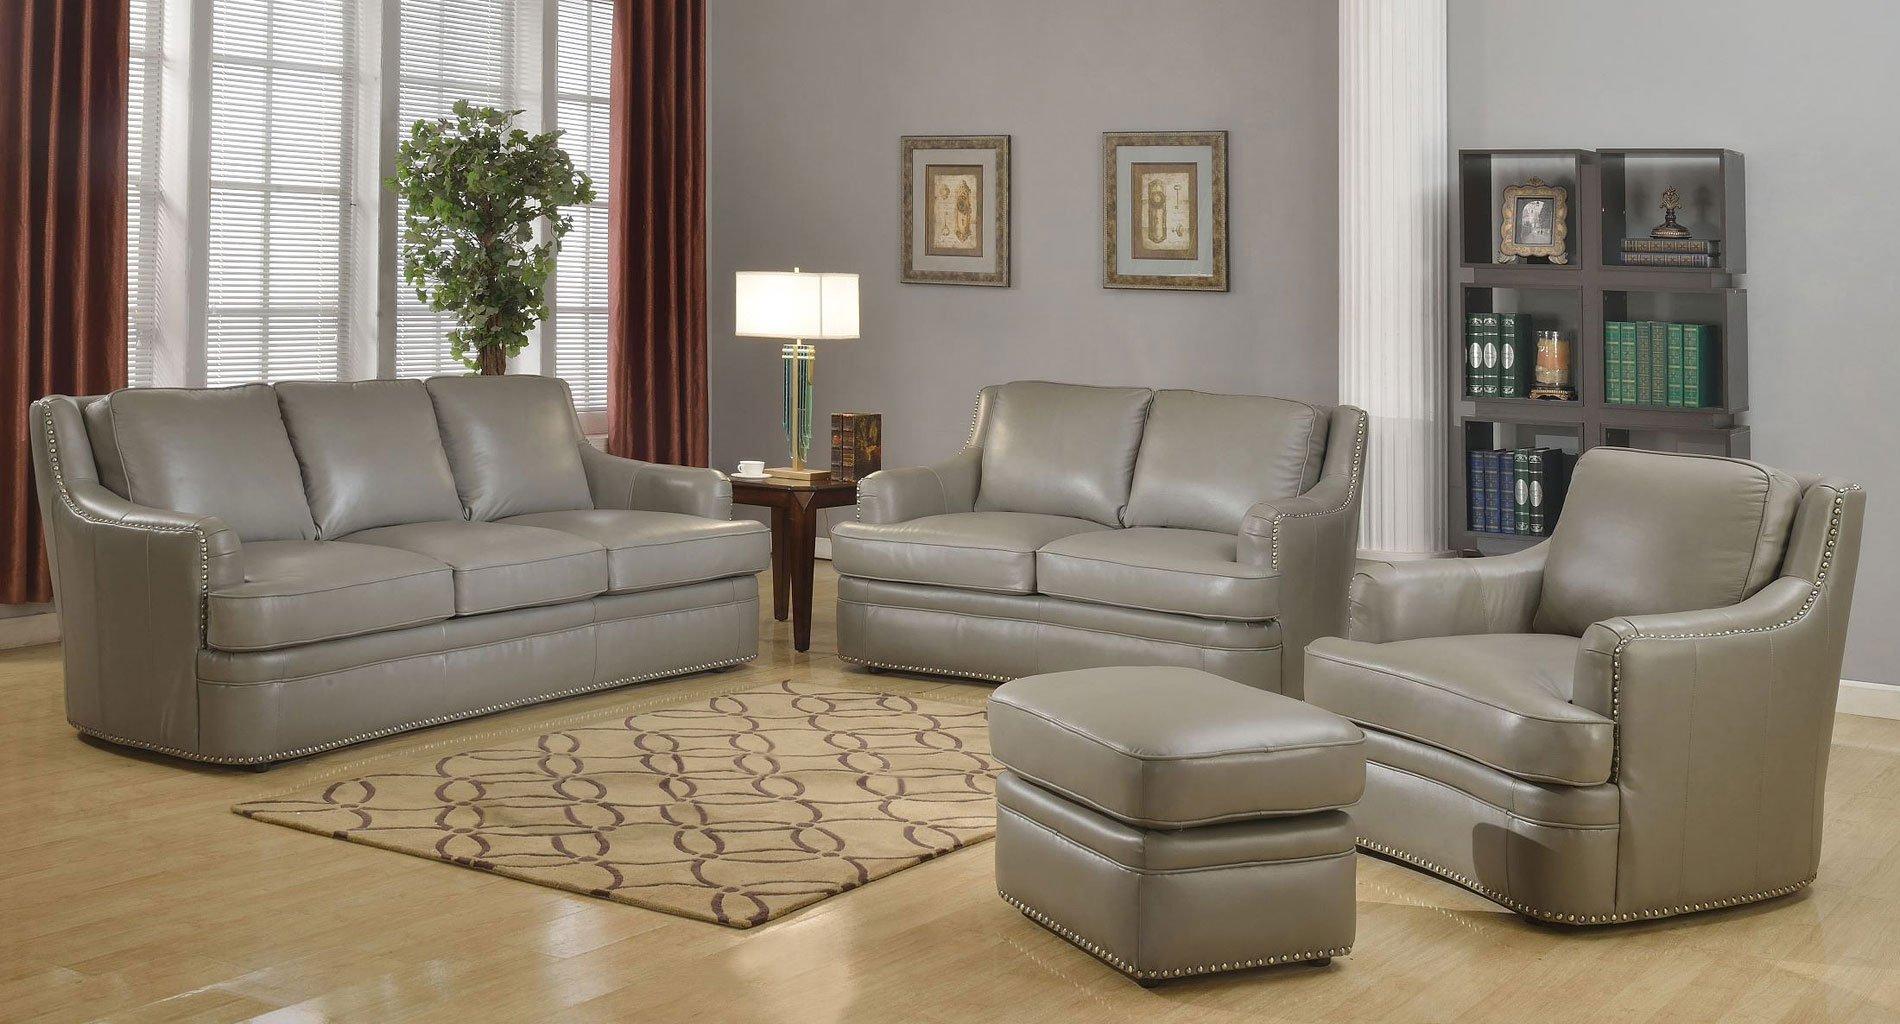 Tulsa Leather Living Room Set Leather Italia Furniturepick